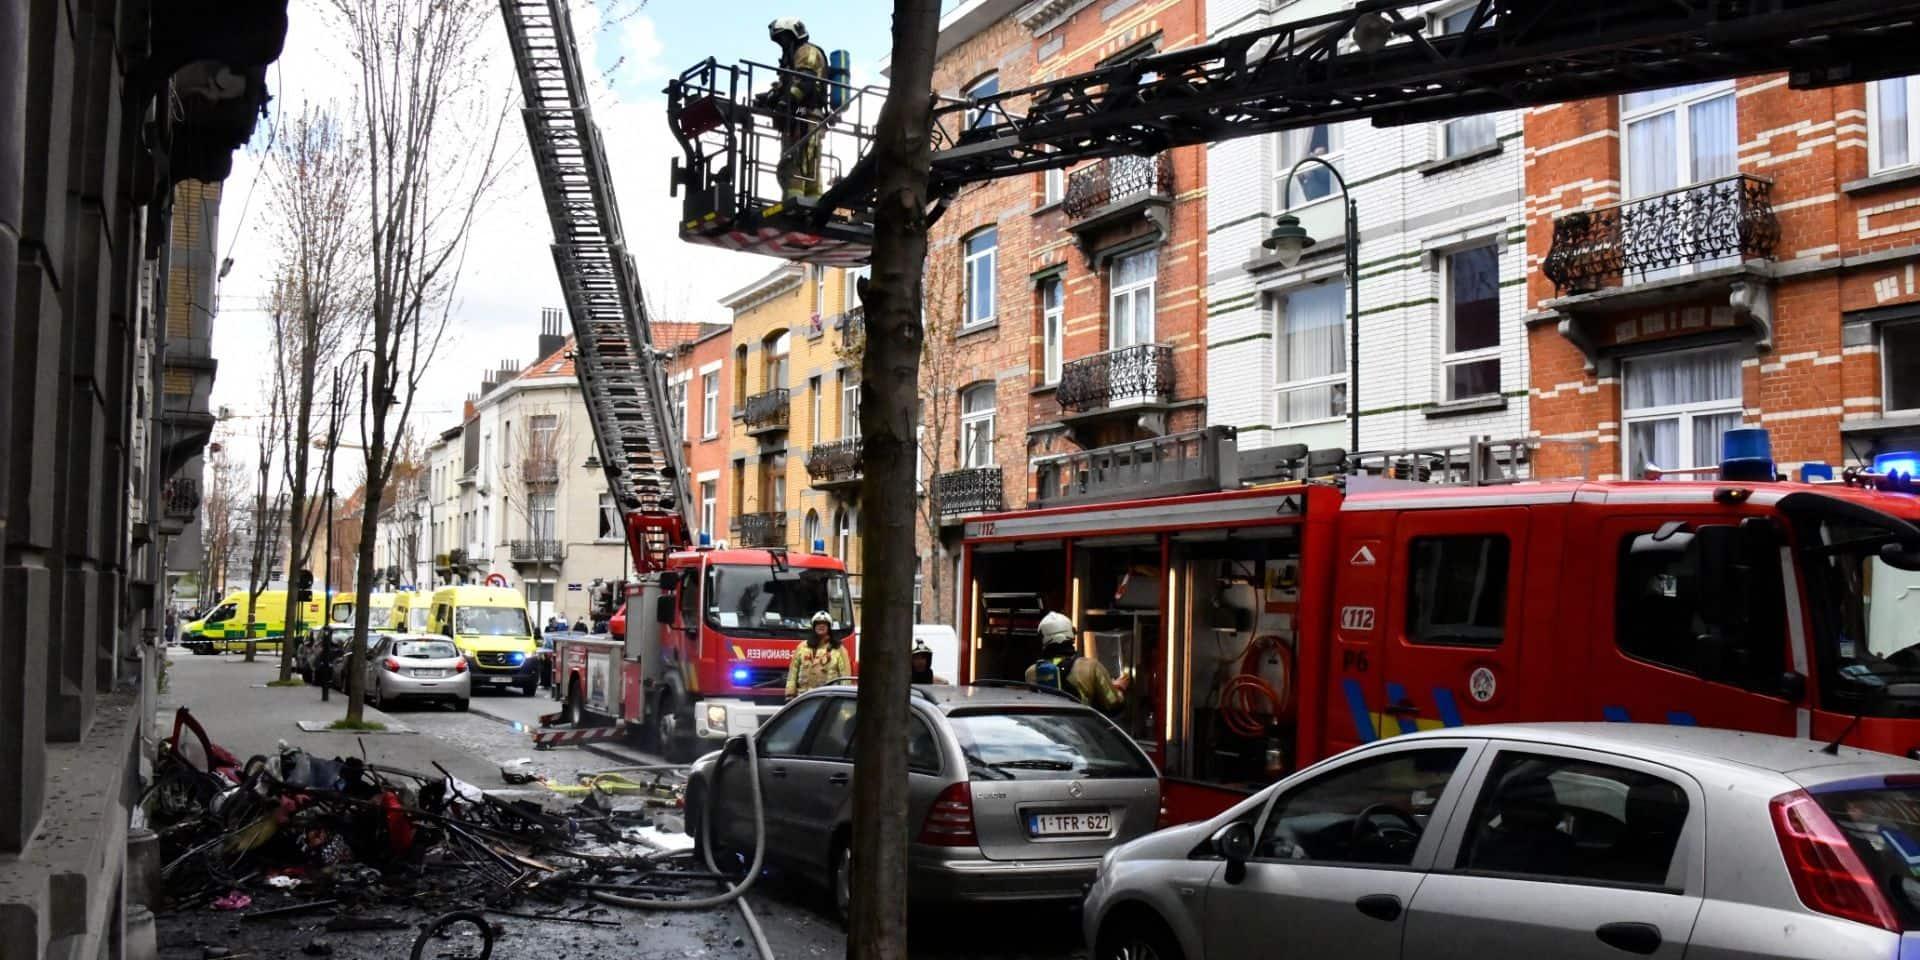 Drame à Laeken : deux enfants décèdent dans l'incendie d'une maison